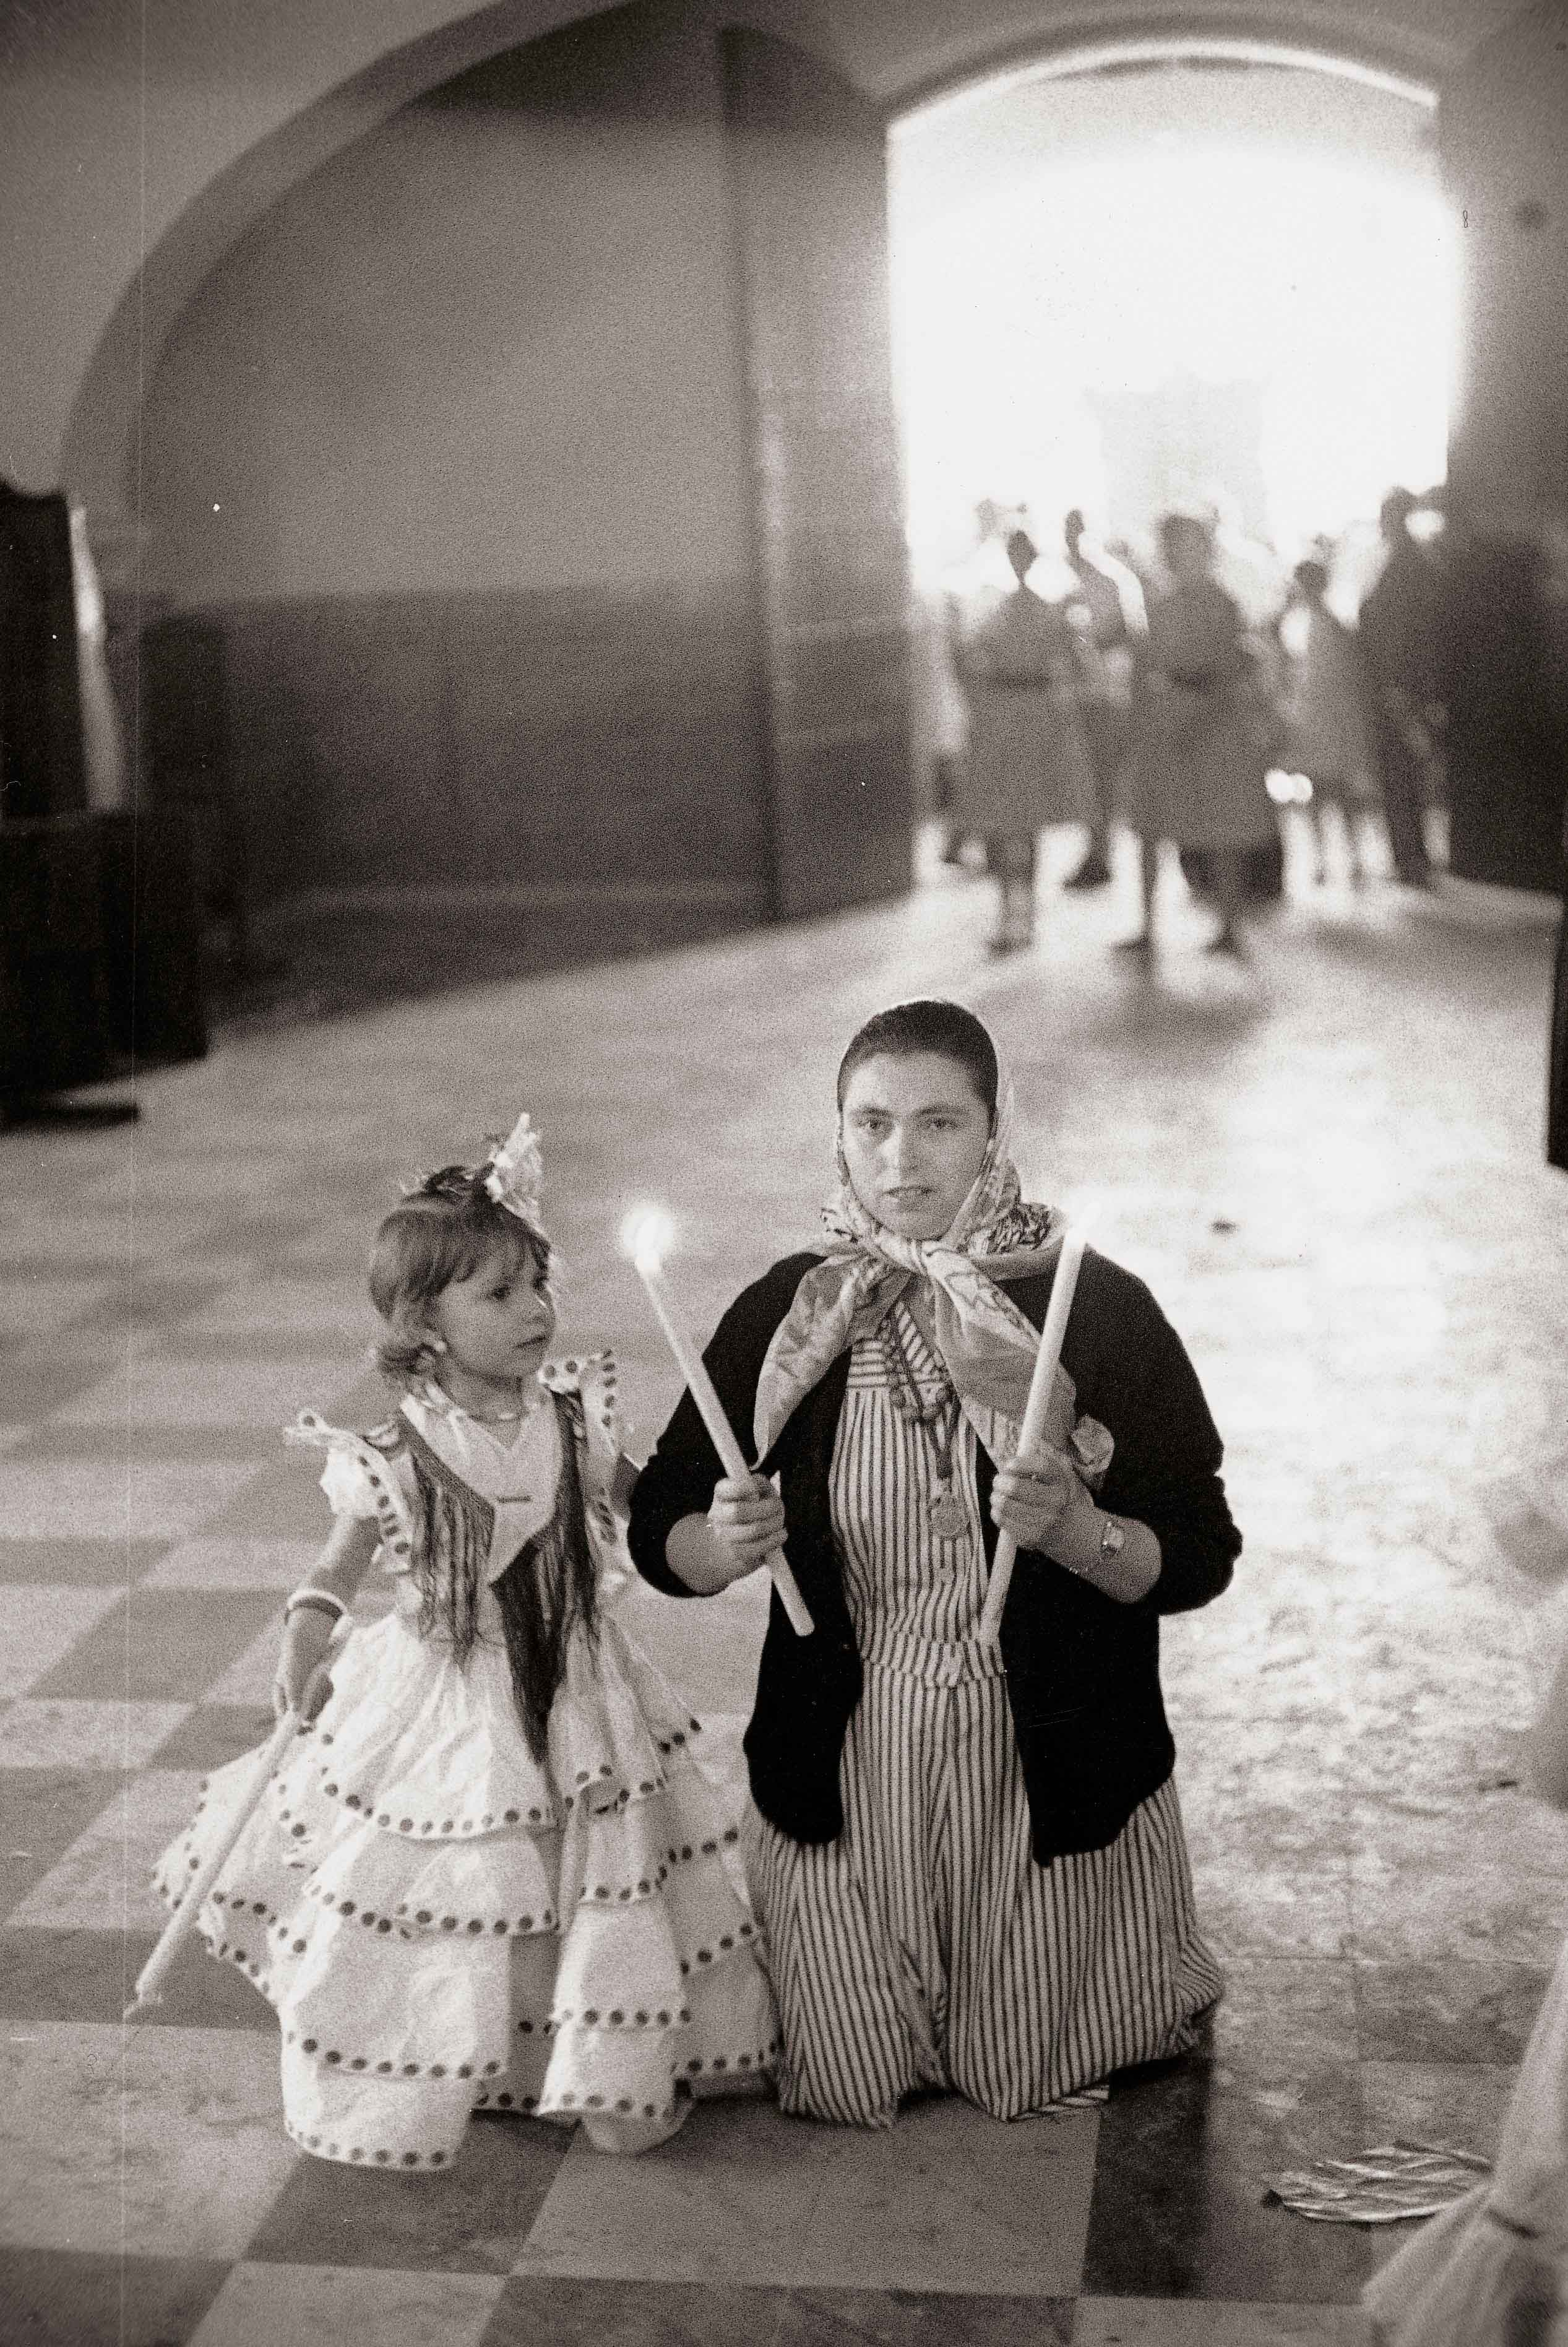 El Rocío. Almonte, 1962<br/>Gelatina de plata / Silver gelatin